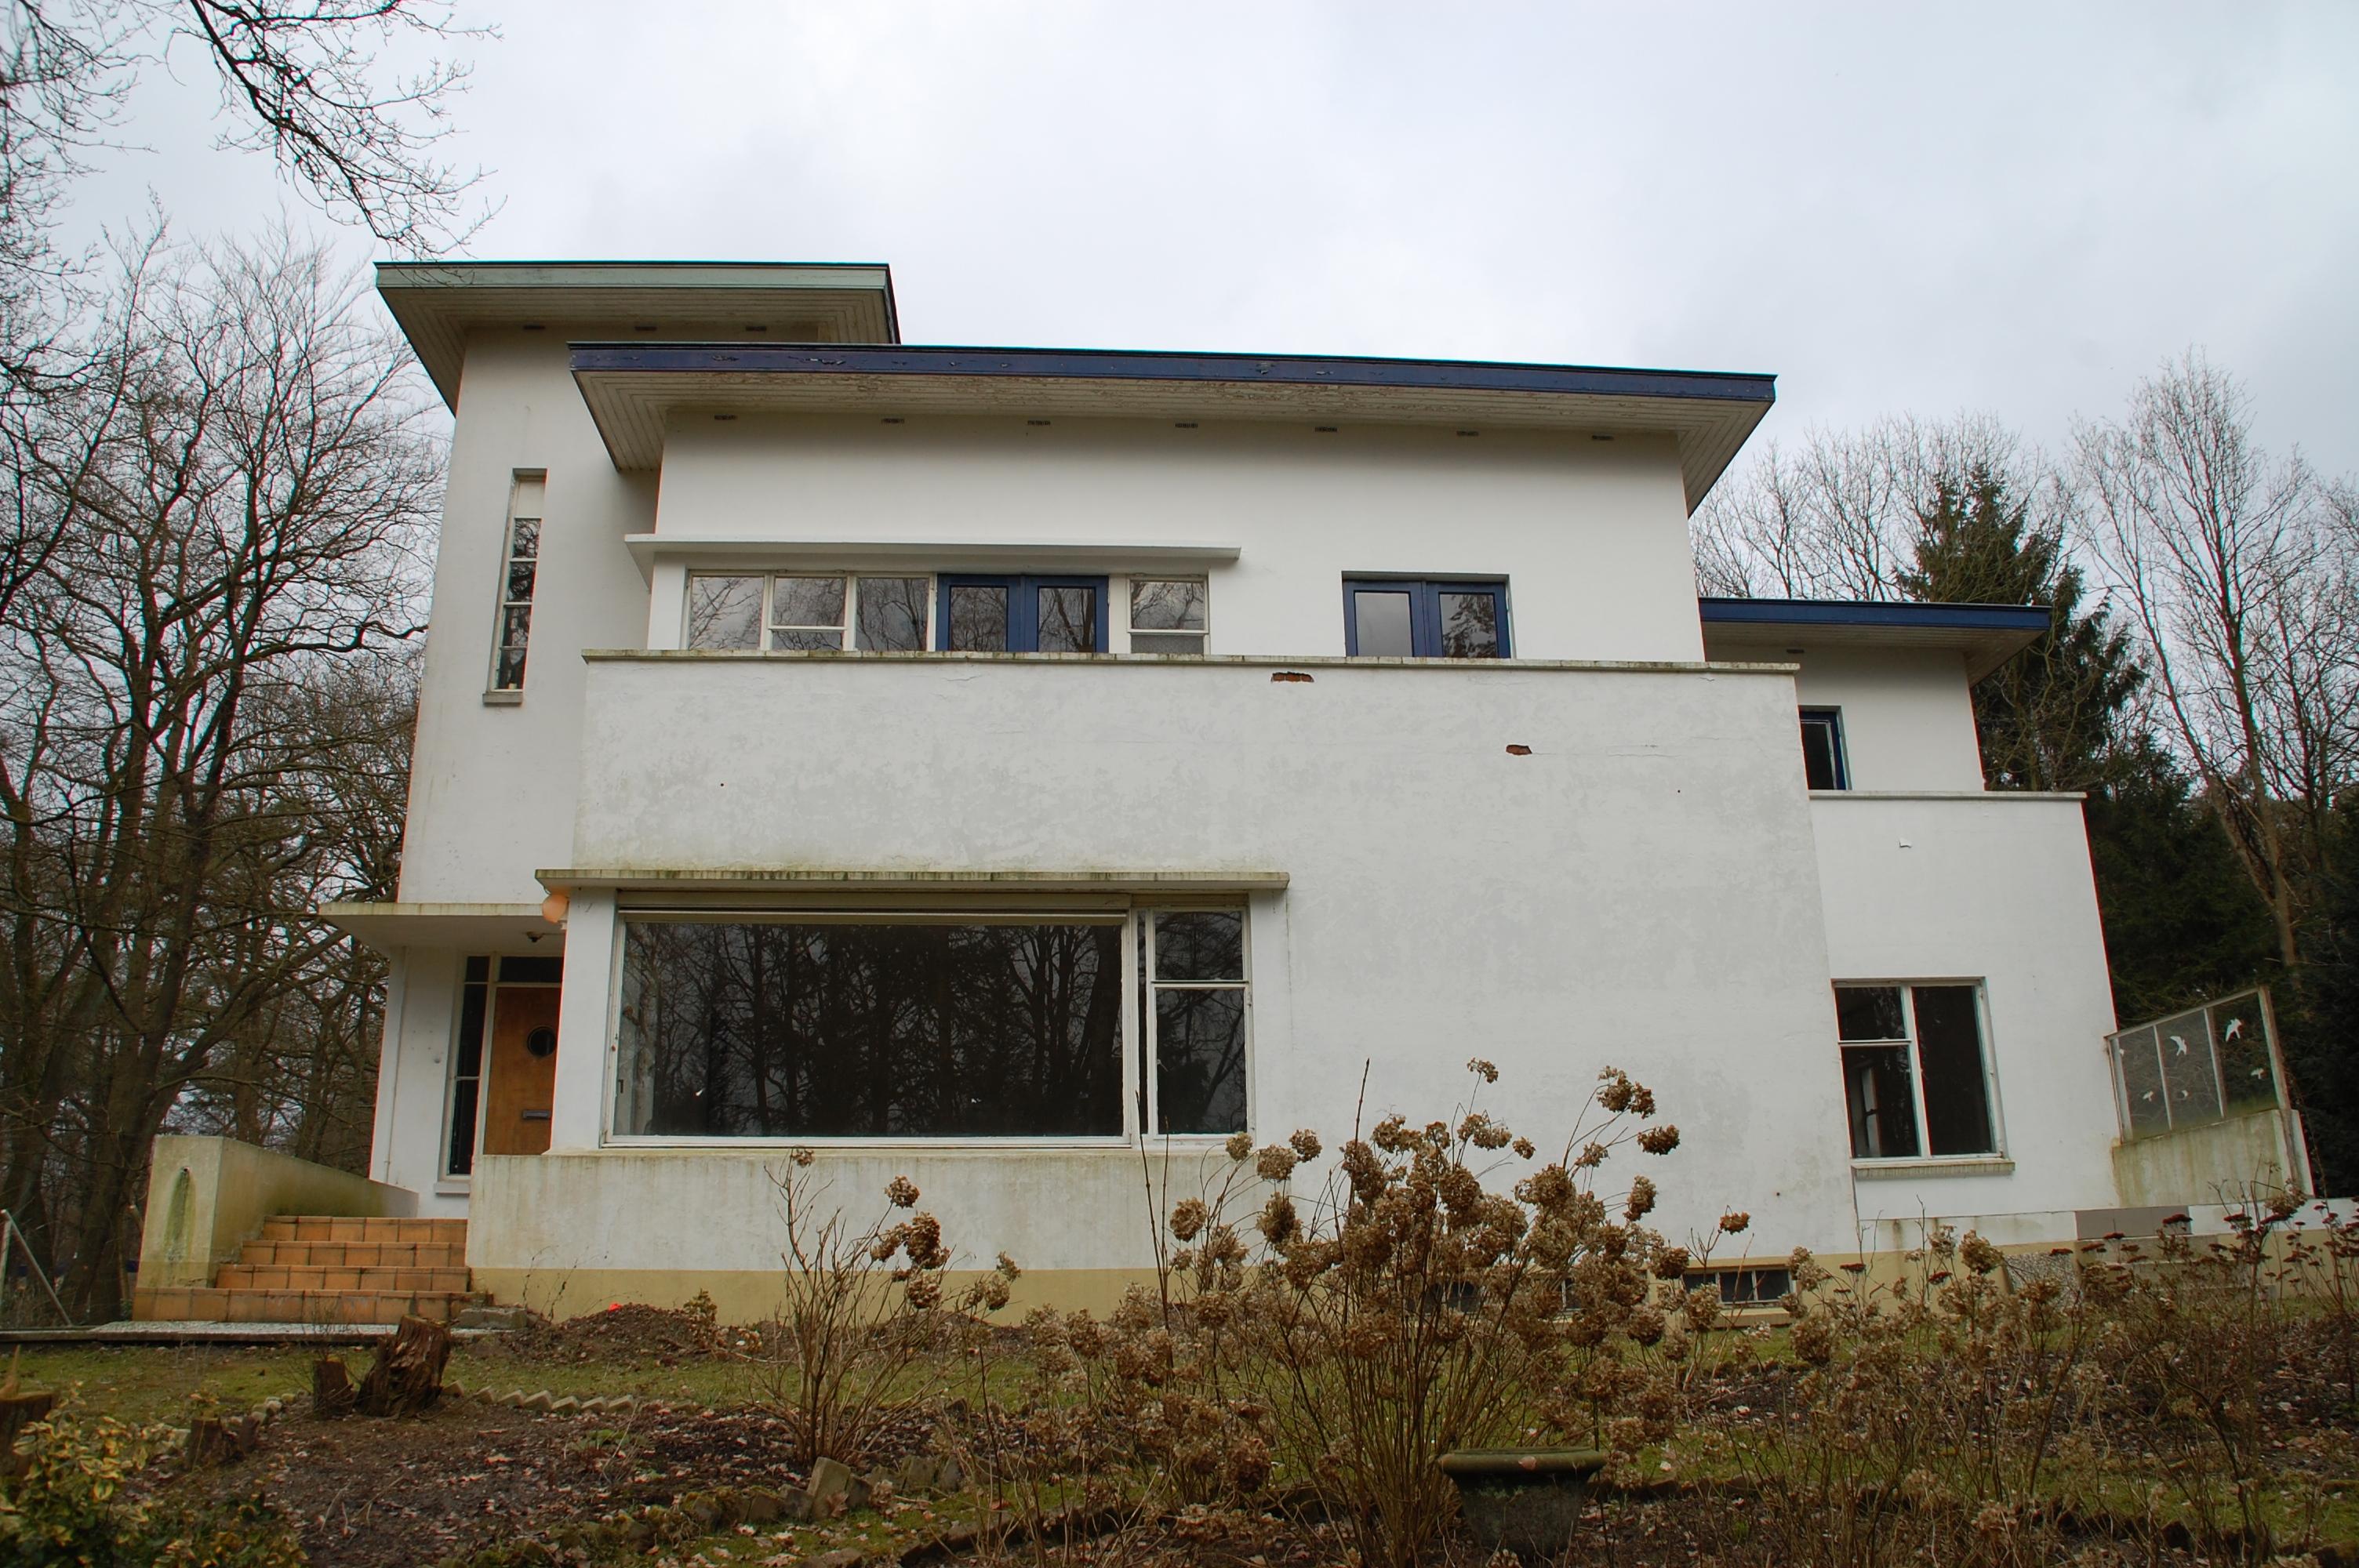 Huis van beek in amersfoort monument - Foto van eigentijds huis ...